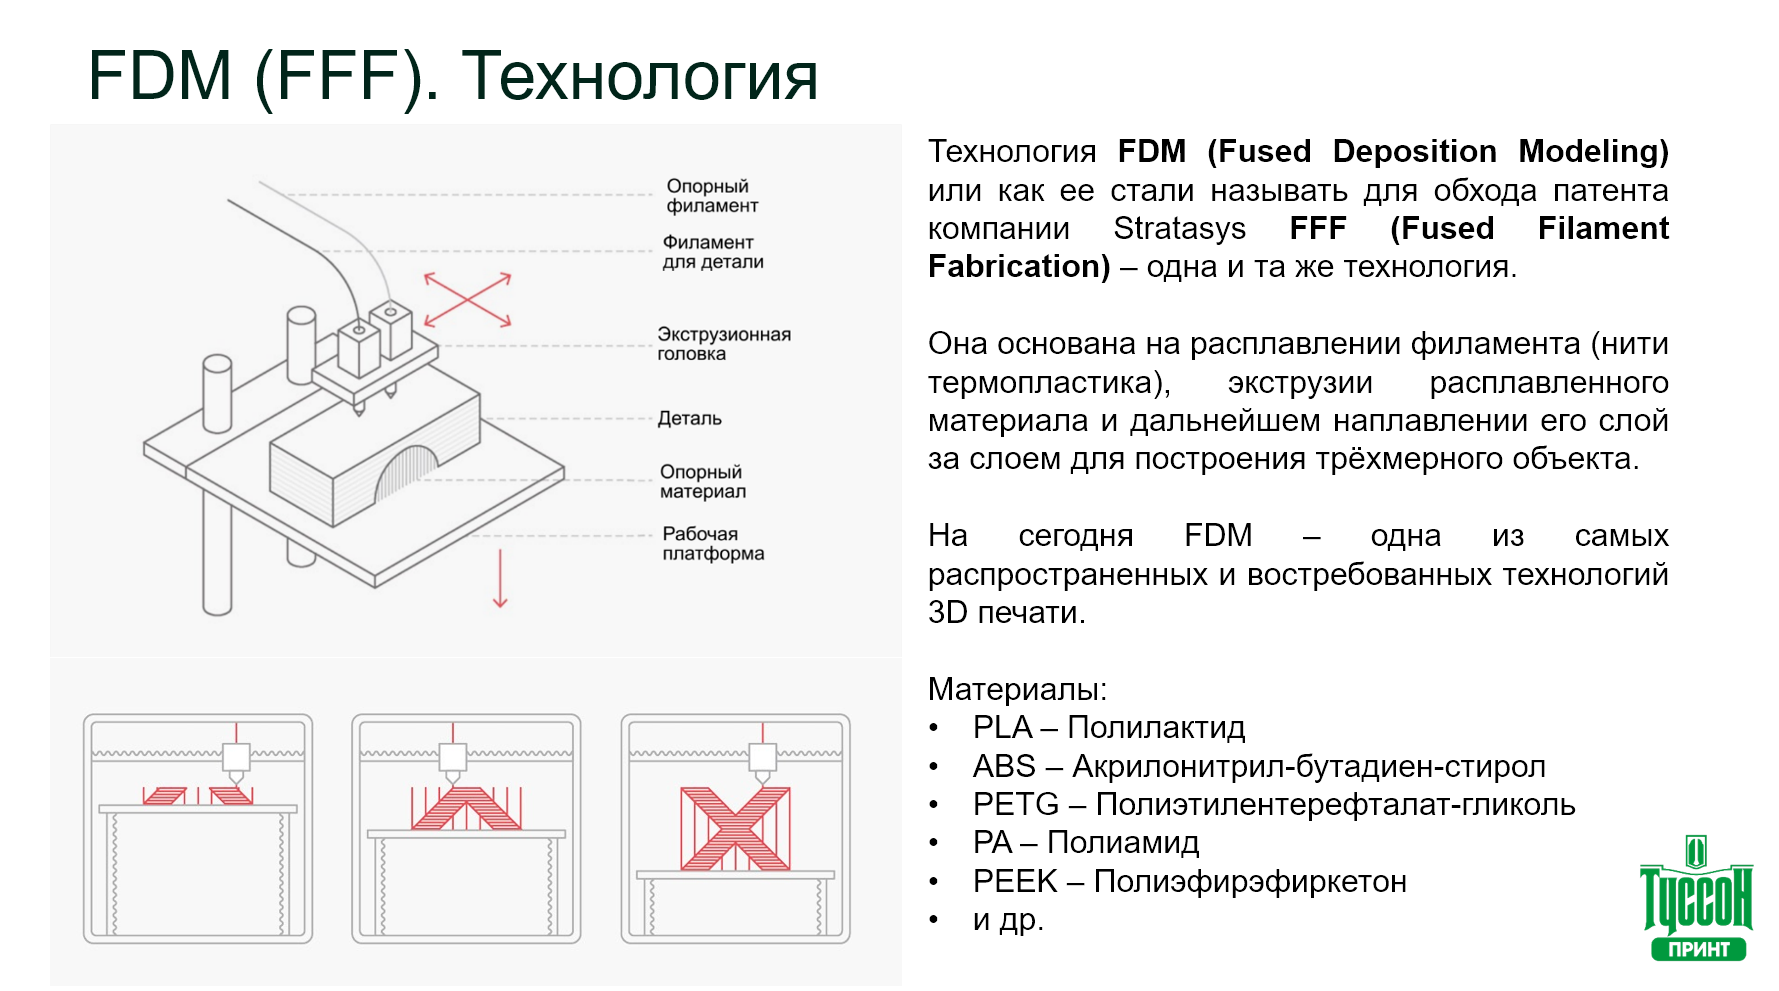 Как устроена технология 3D-печати FDM - Fused Deposition Modeling